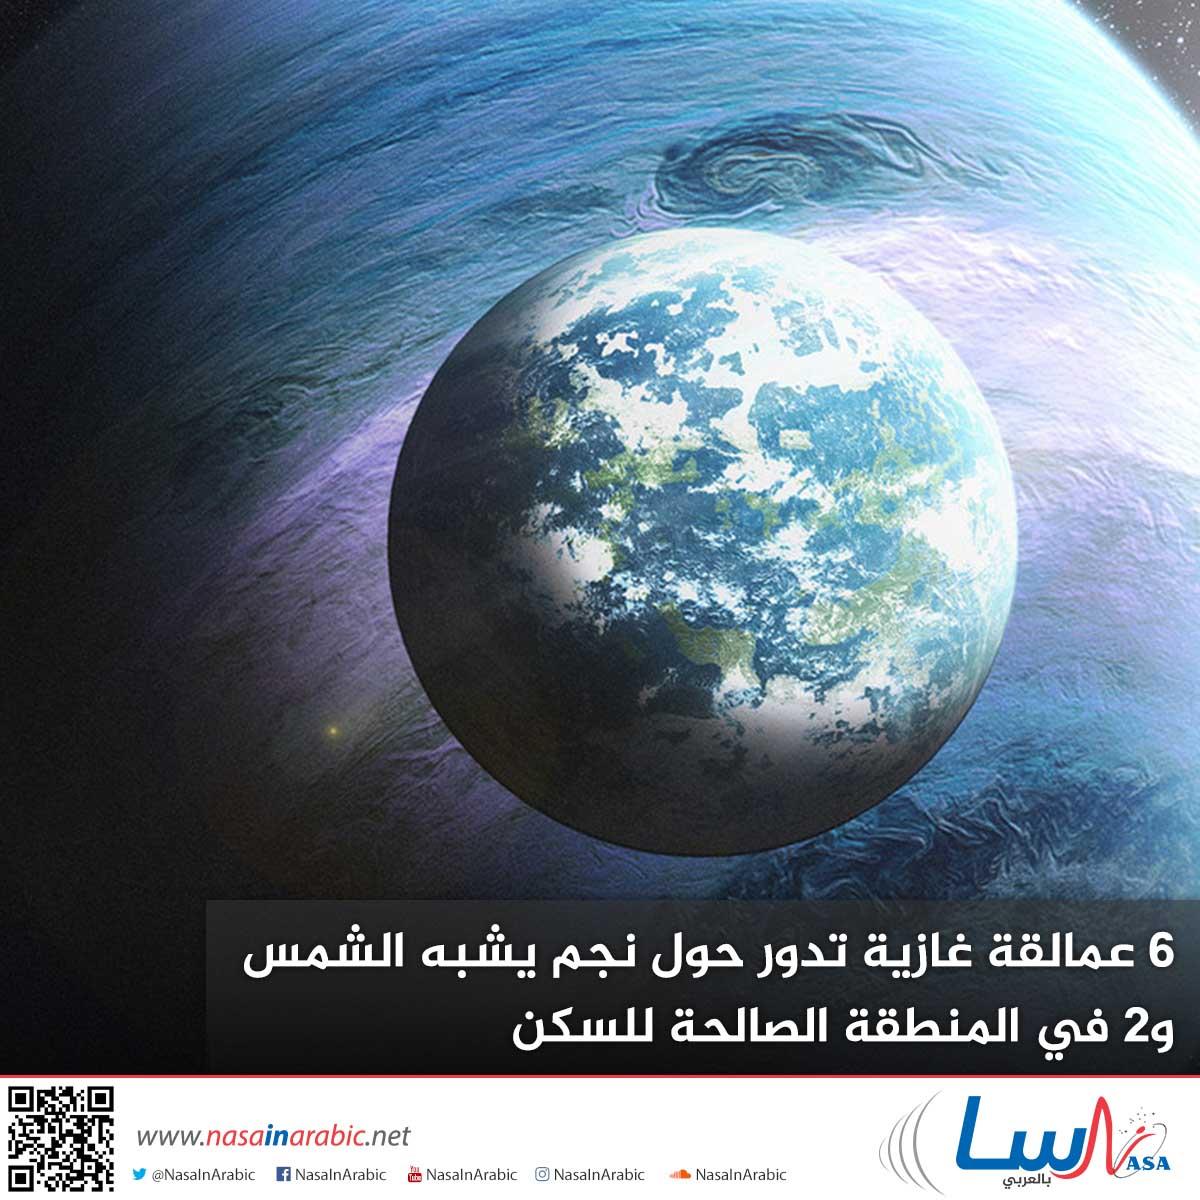 6 عمالقة غازية تدور حول نجم يشبه الشمس، و2 في المنطقة الصالحة للسكن